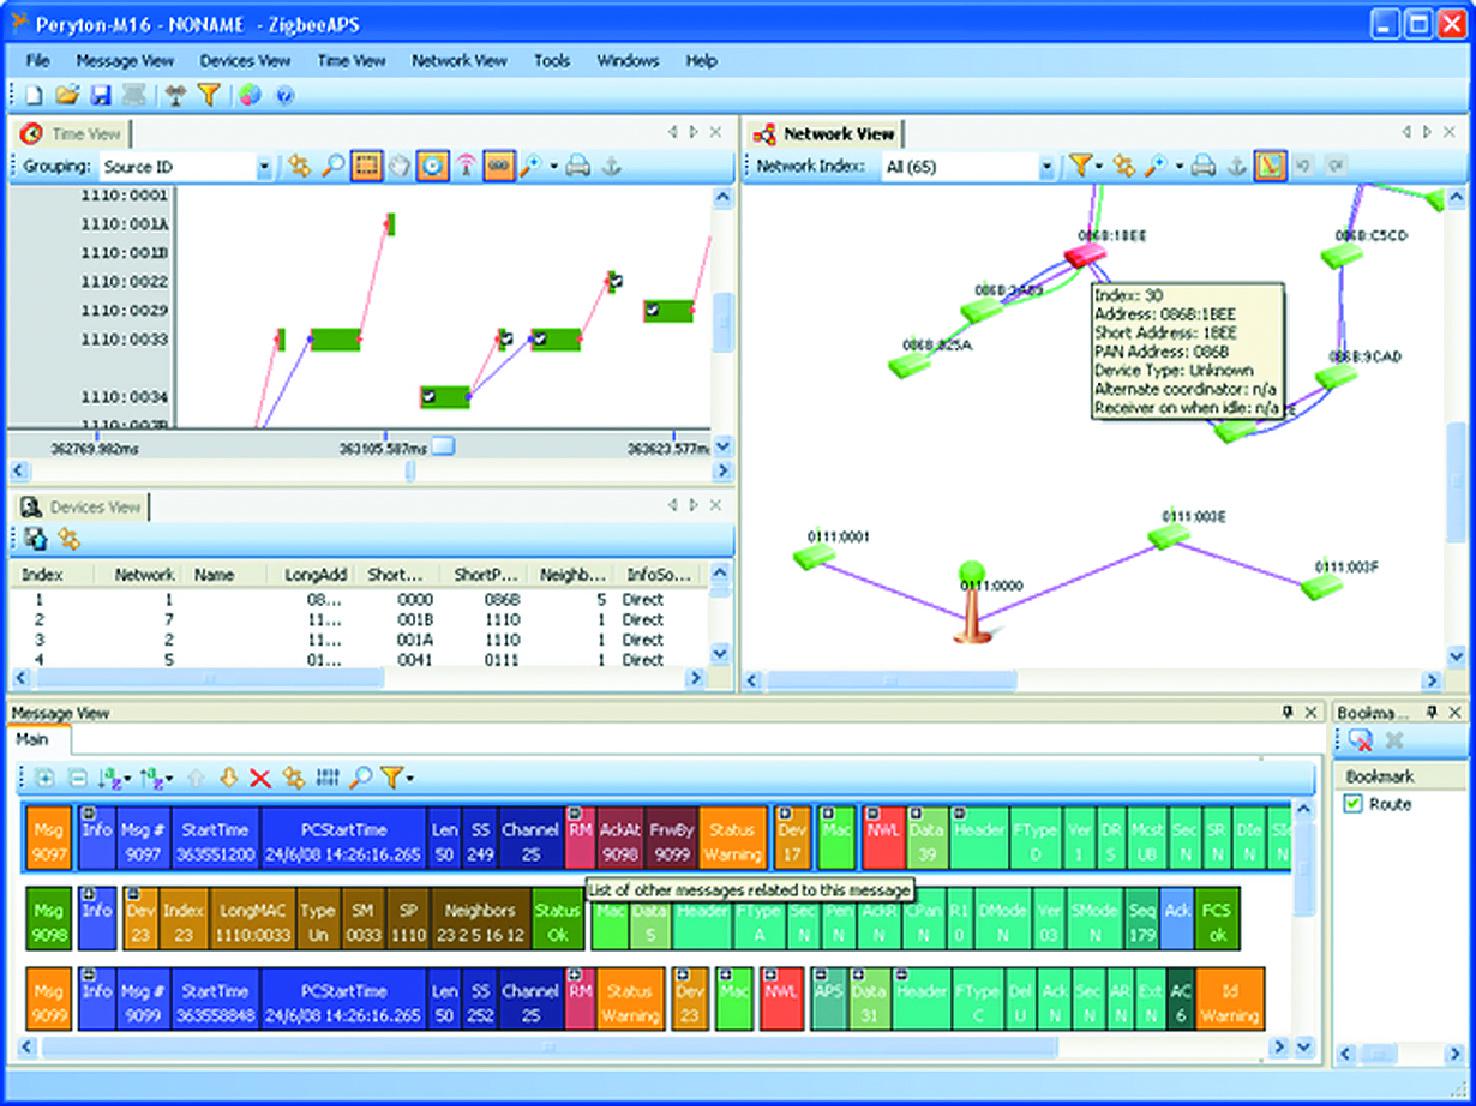 Анализатор трафика сетей ZigBee от компании Perytons